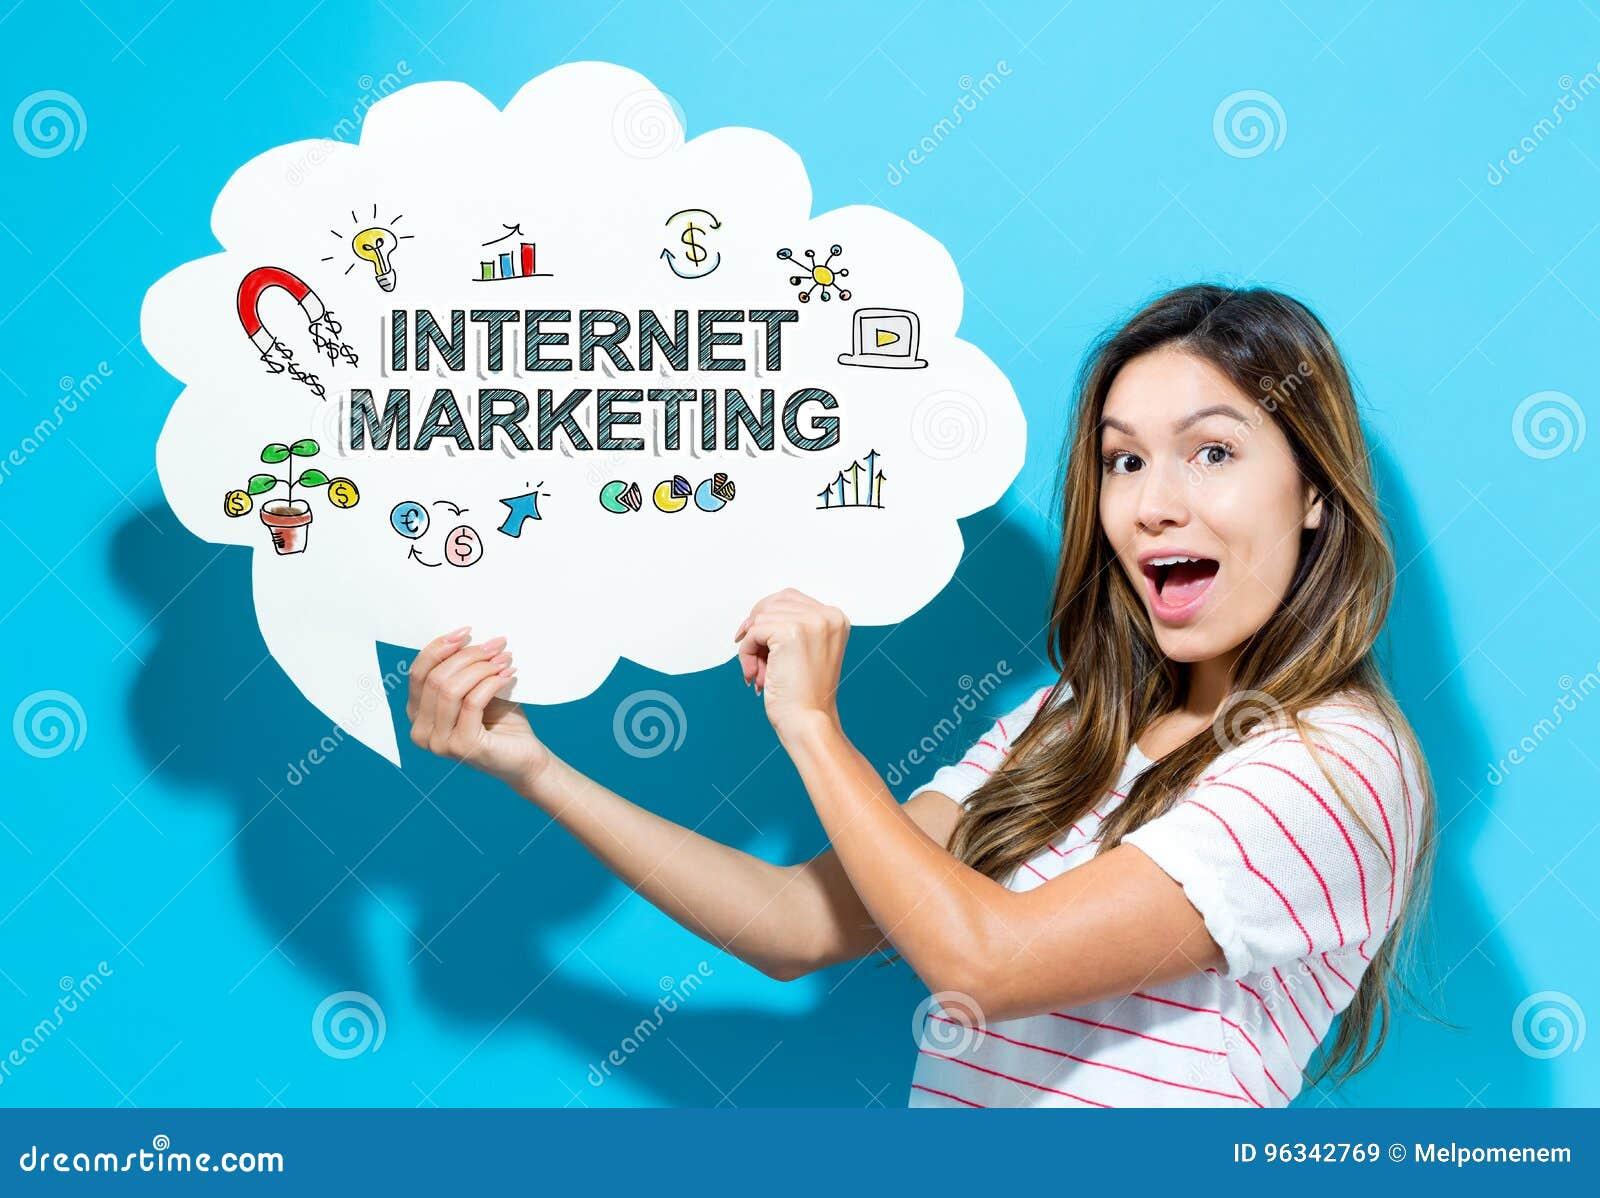 Internetowy Marketingowy tekst z młodą kobietą trzyma mowa bąbel